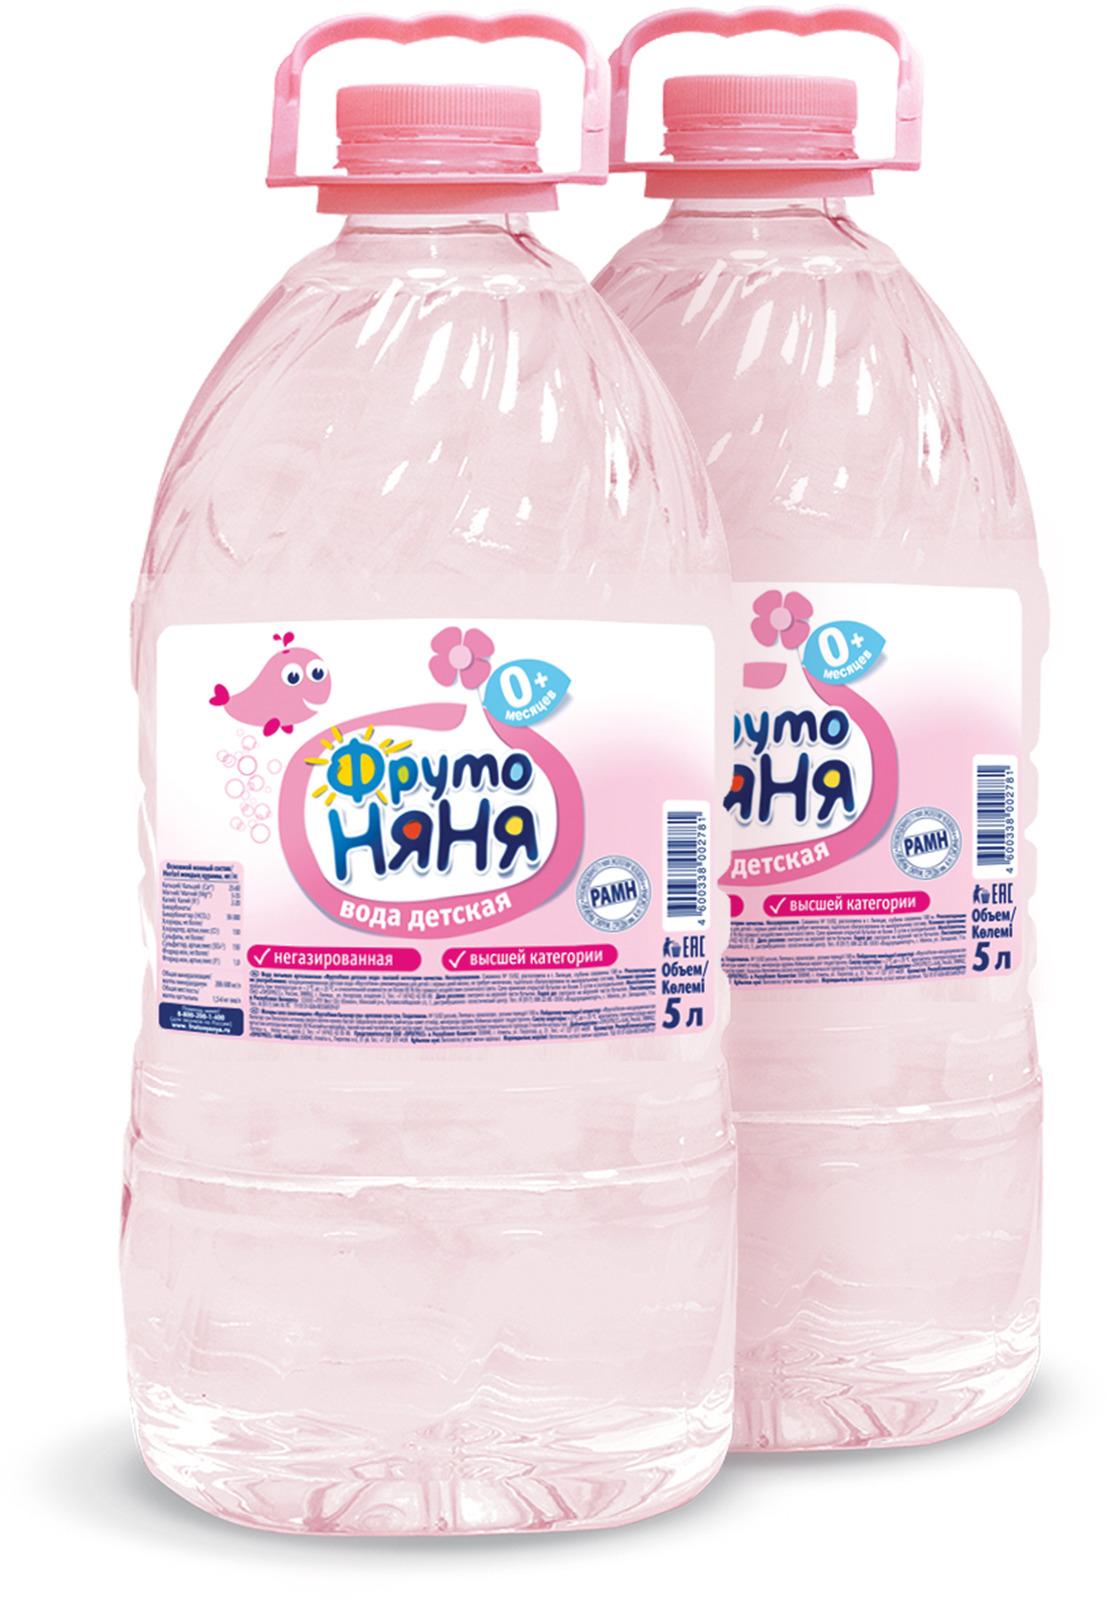 ФрутоНяня вода артезианская питьевая негазированная, 2 шт по 5 л вода фрутоняня детская питьевая артезианская негазированная